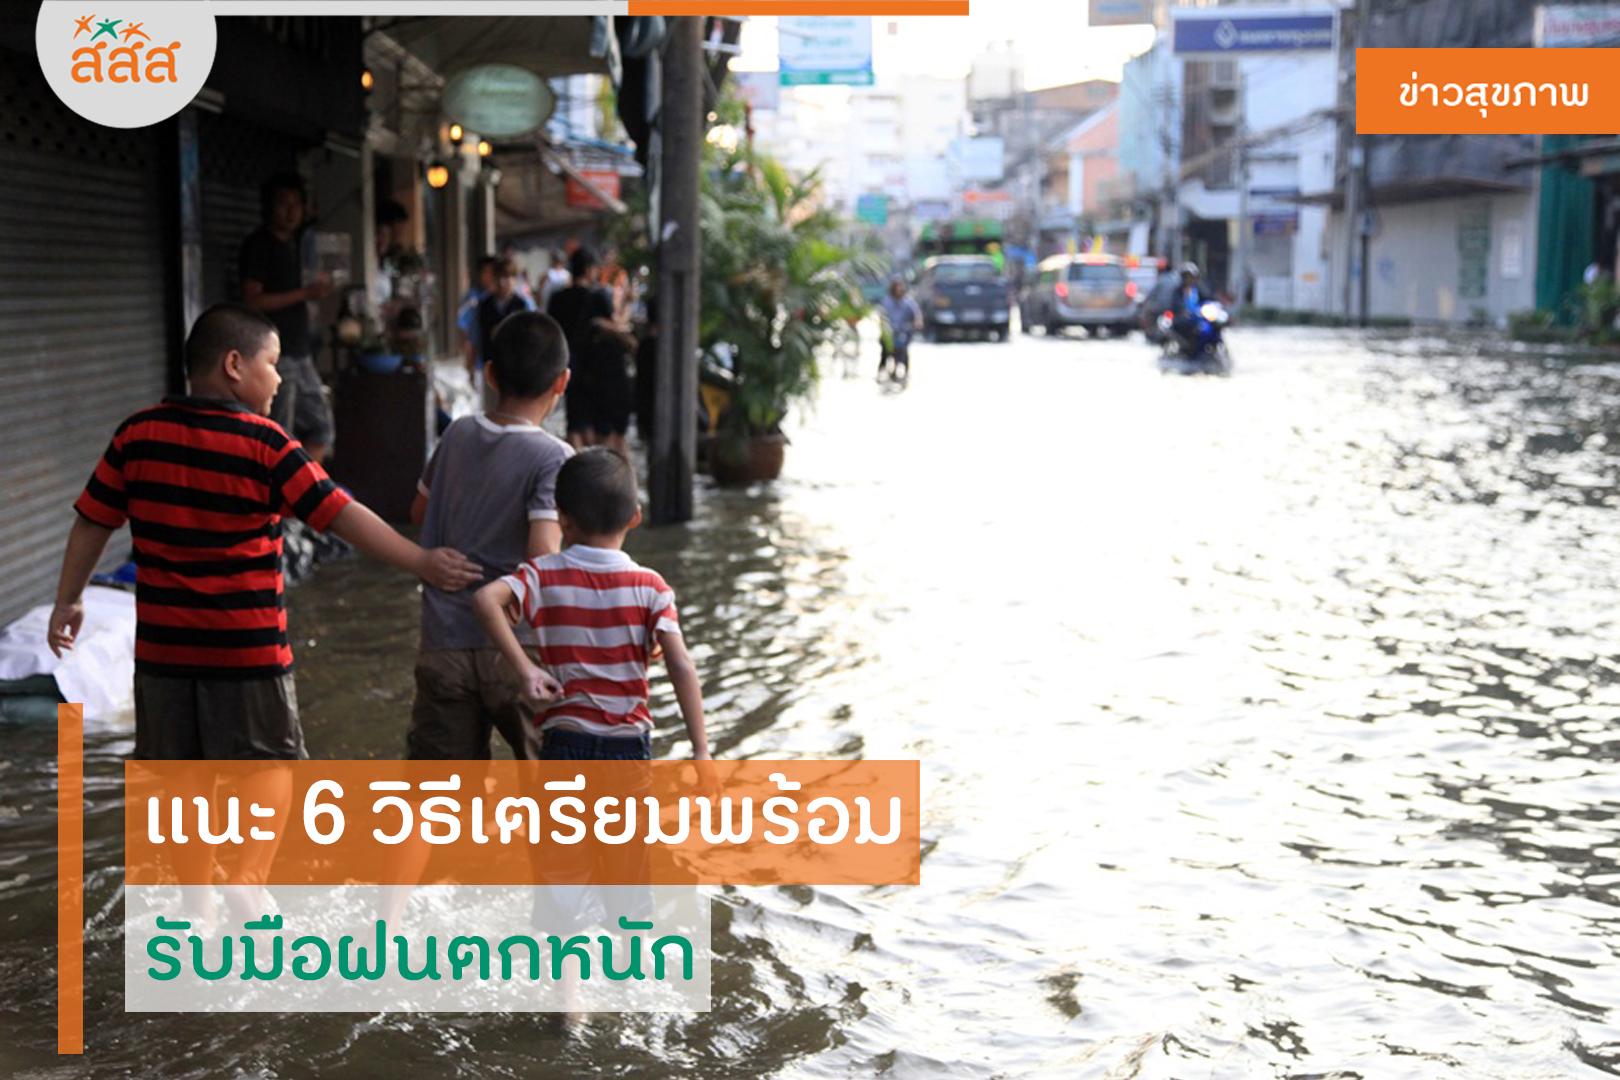 แนะ 6 วิธีเตรียมพร้อม รับมือฝนตกหนัก thaihealth